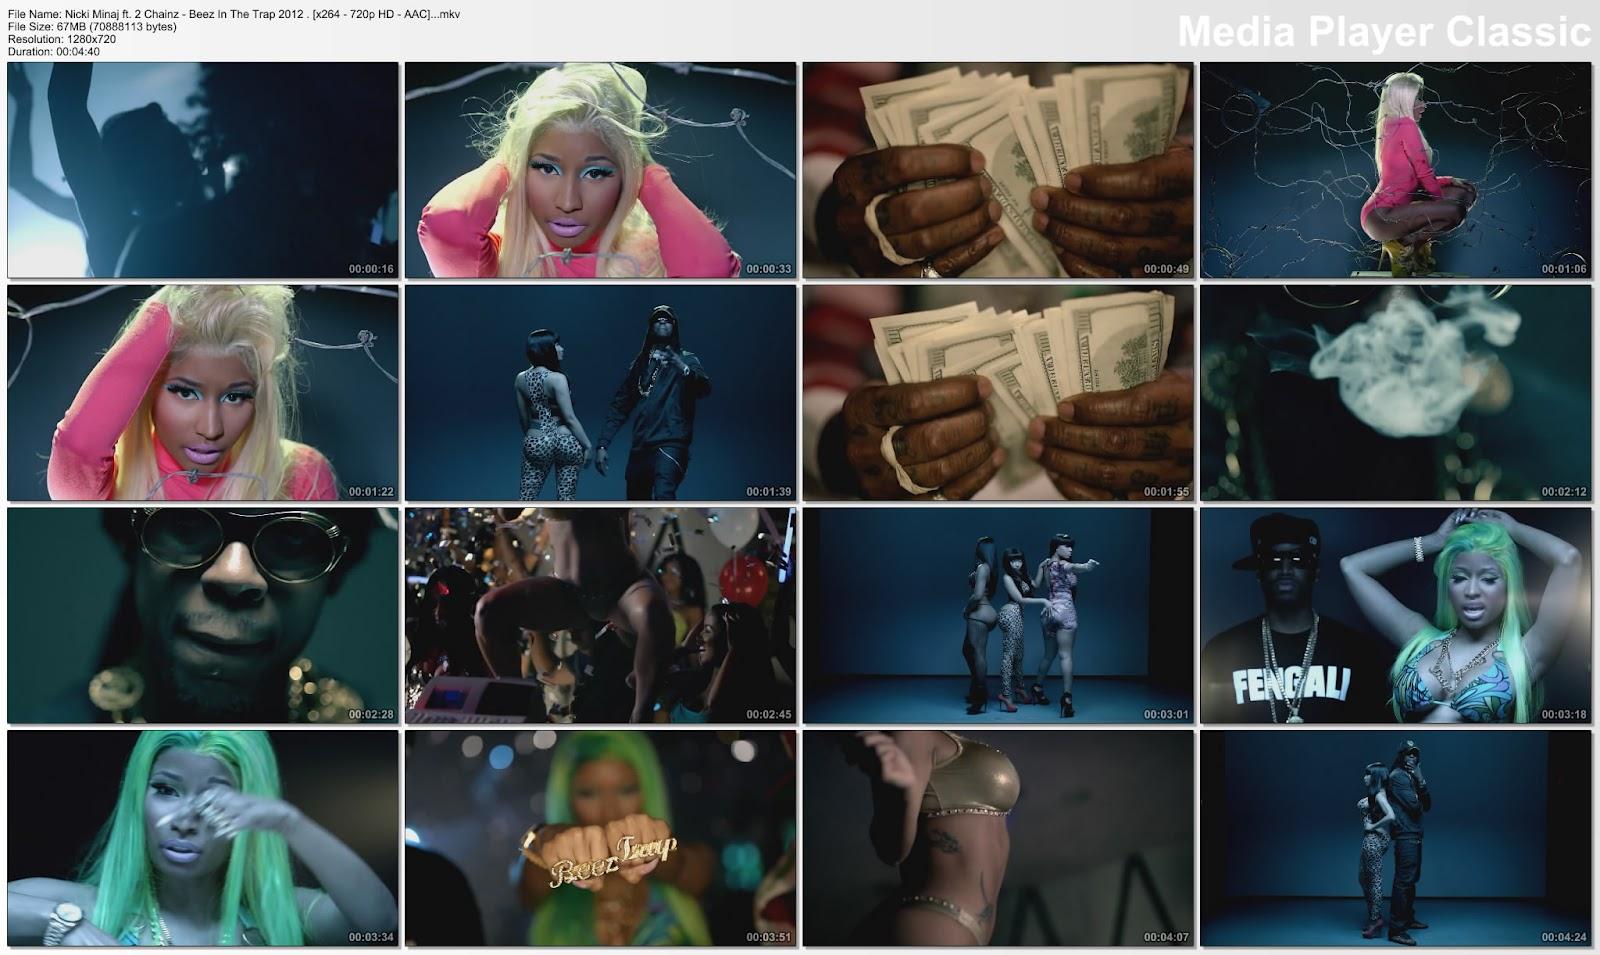 http://4.bp.blogspot.com/-6jabhin4AfY/T3_7hgzGm9I/AAAAAAAAApc/XsxfI_y_9jQ/s1600/Nicki+Minaj+ft.+2+Chainz+-+Beez+In+The+Trap+2012+.+%5Bx264+-+720p+HD+-+AAC%5D.%7BMobicareg%7D.%7BHKRG%7D.mkv_thumbs_%5B2012.04.07_14.01.24%5D.jpg